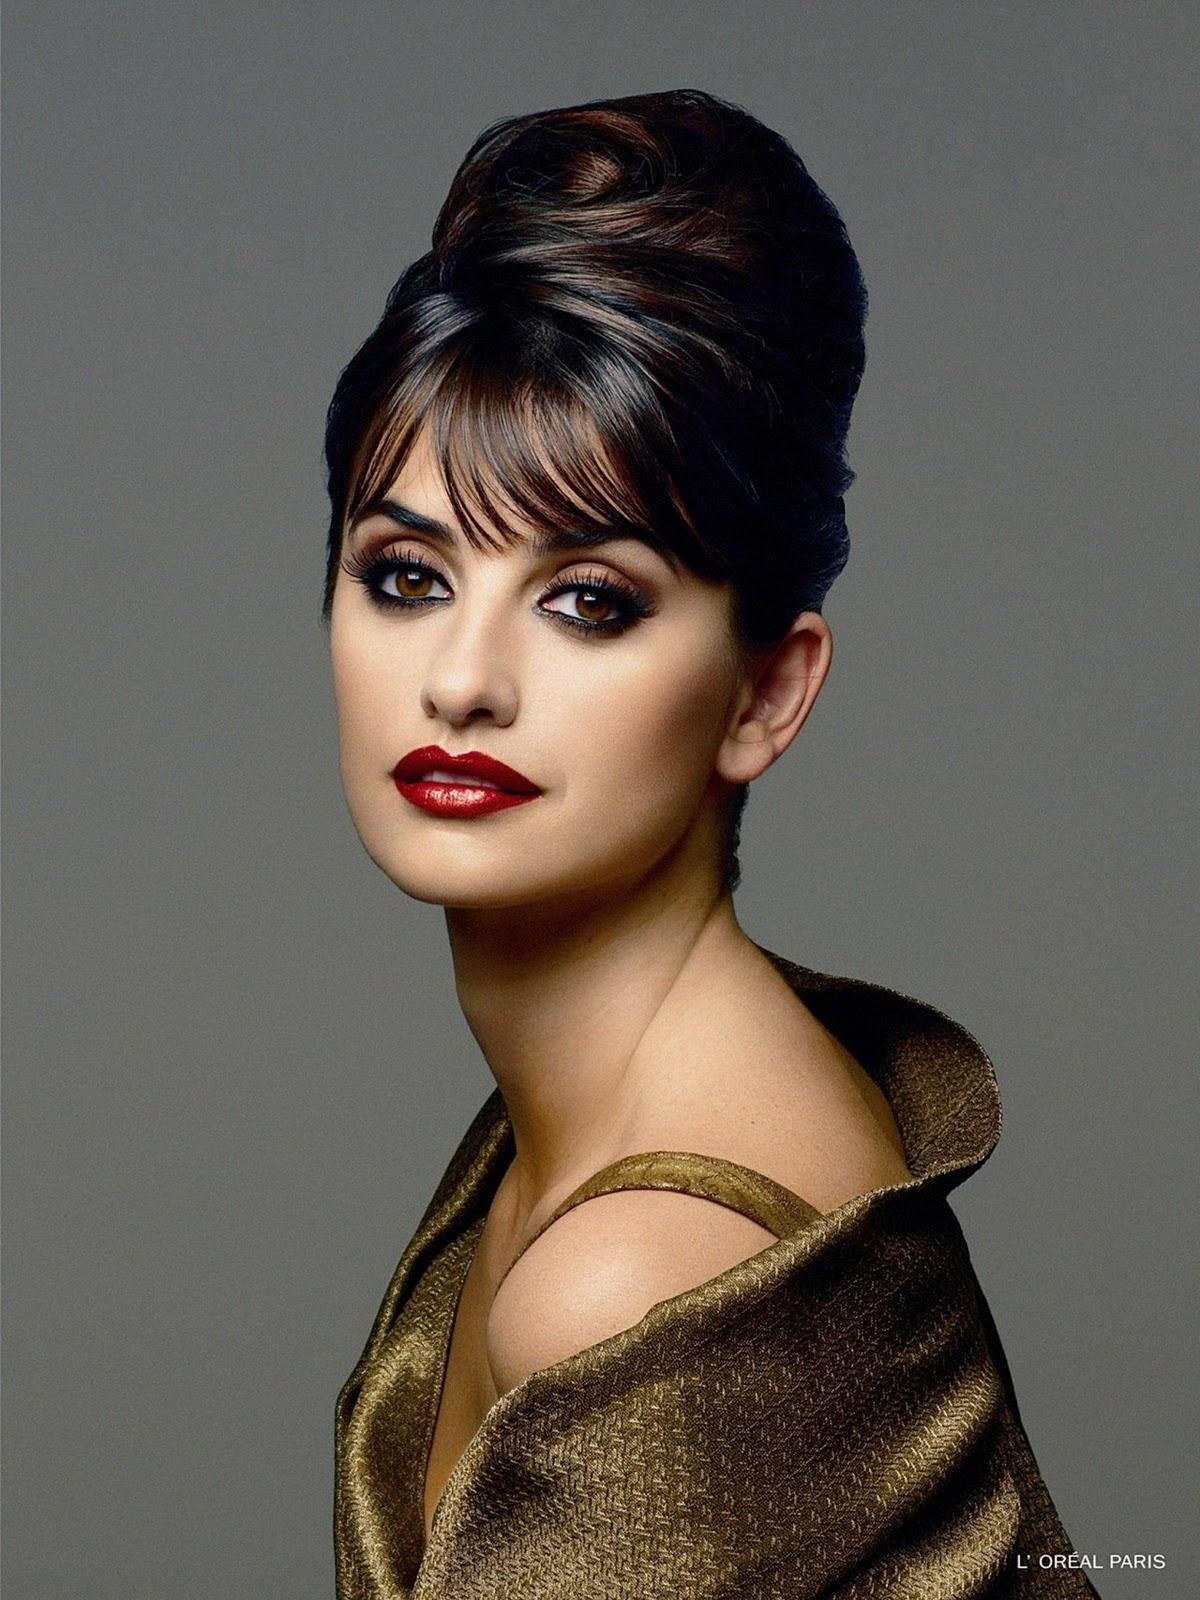 Fresh Look Celebrity Penelope Cruz Hairstyles 07